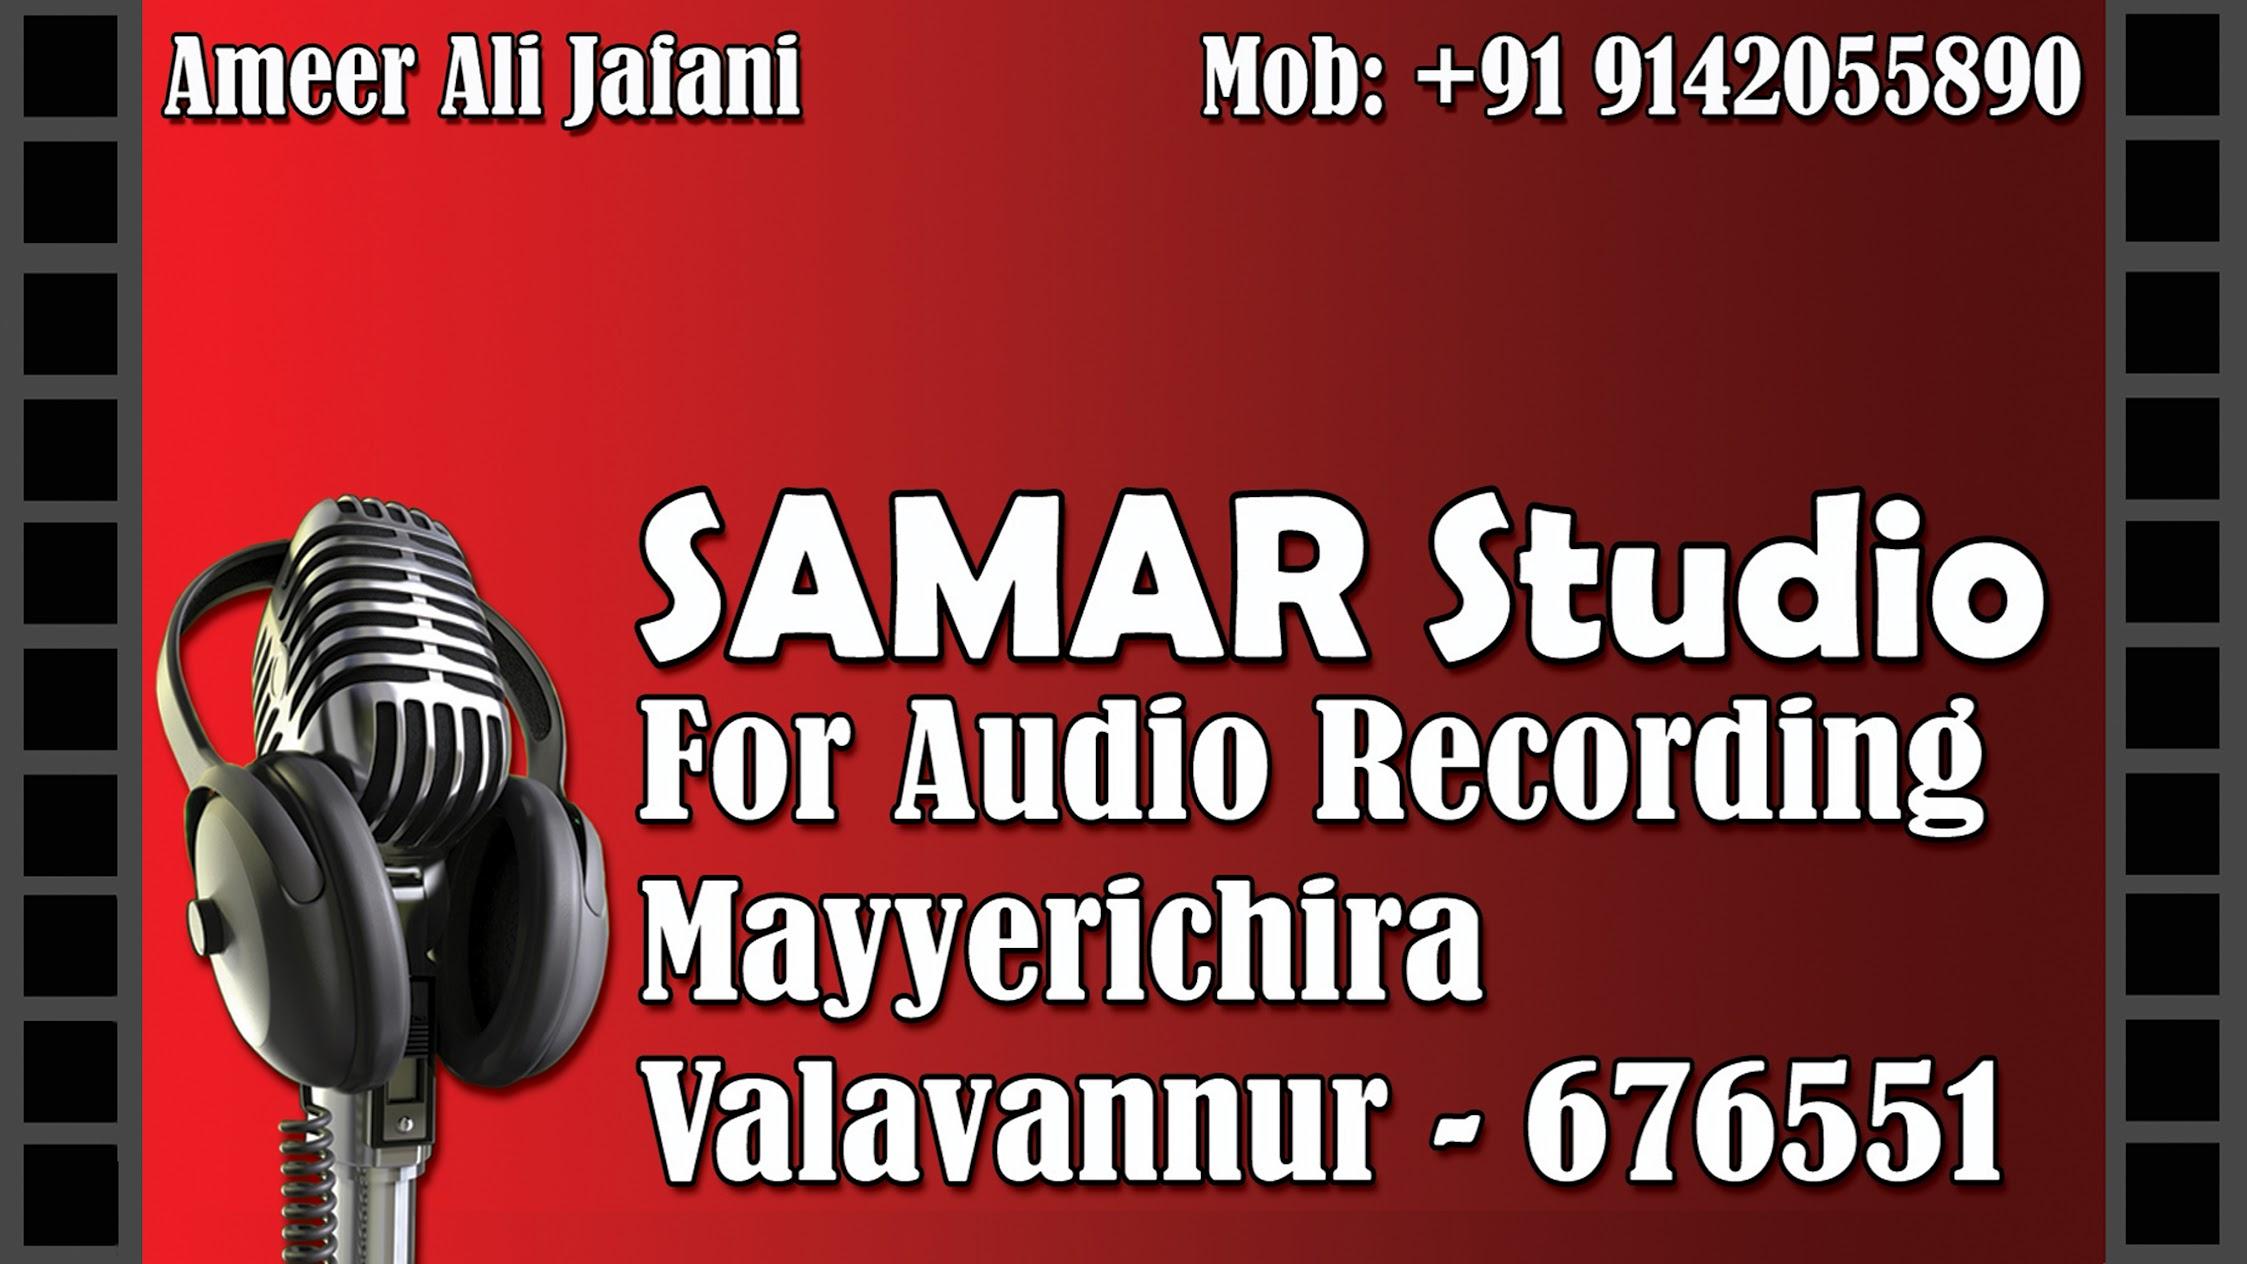 samar studio